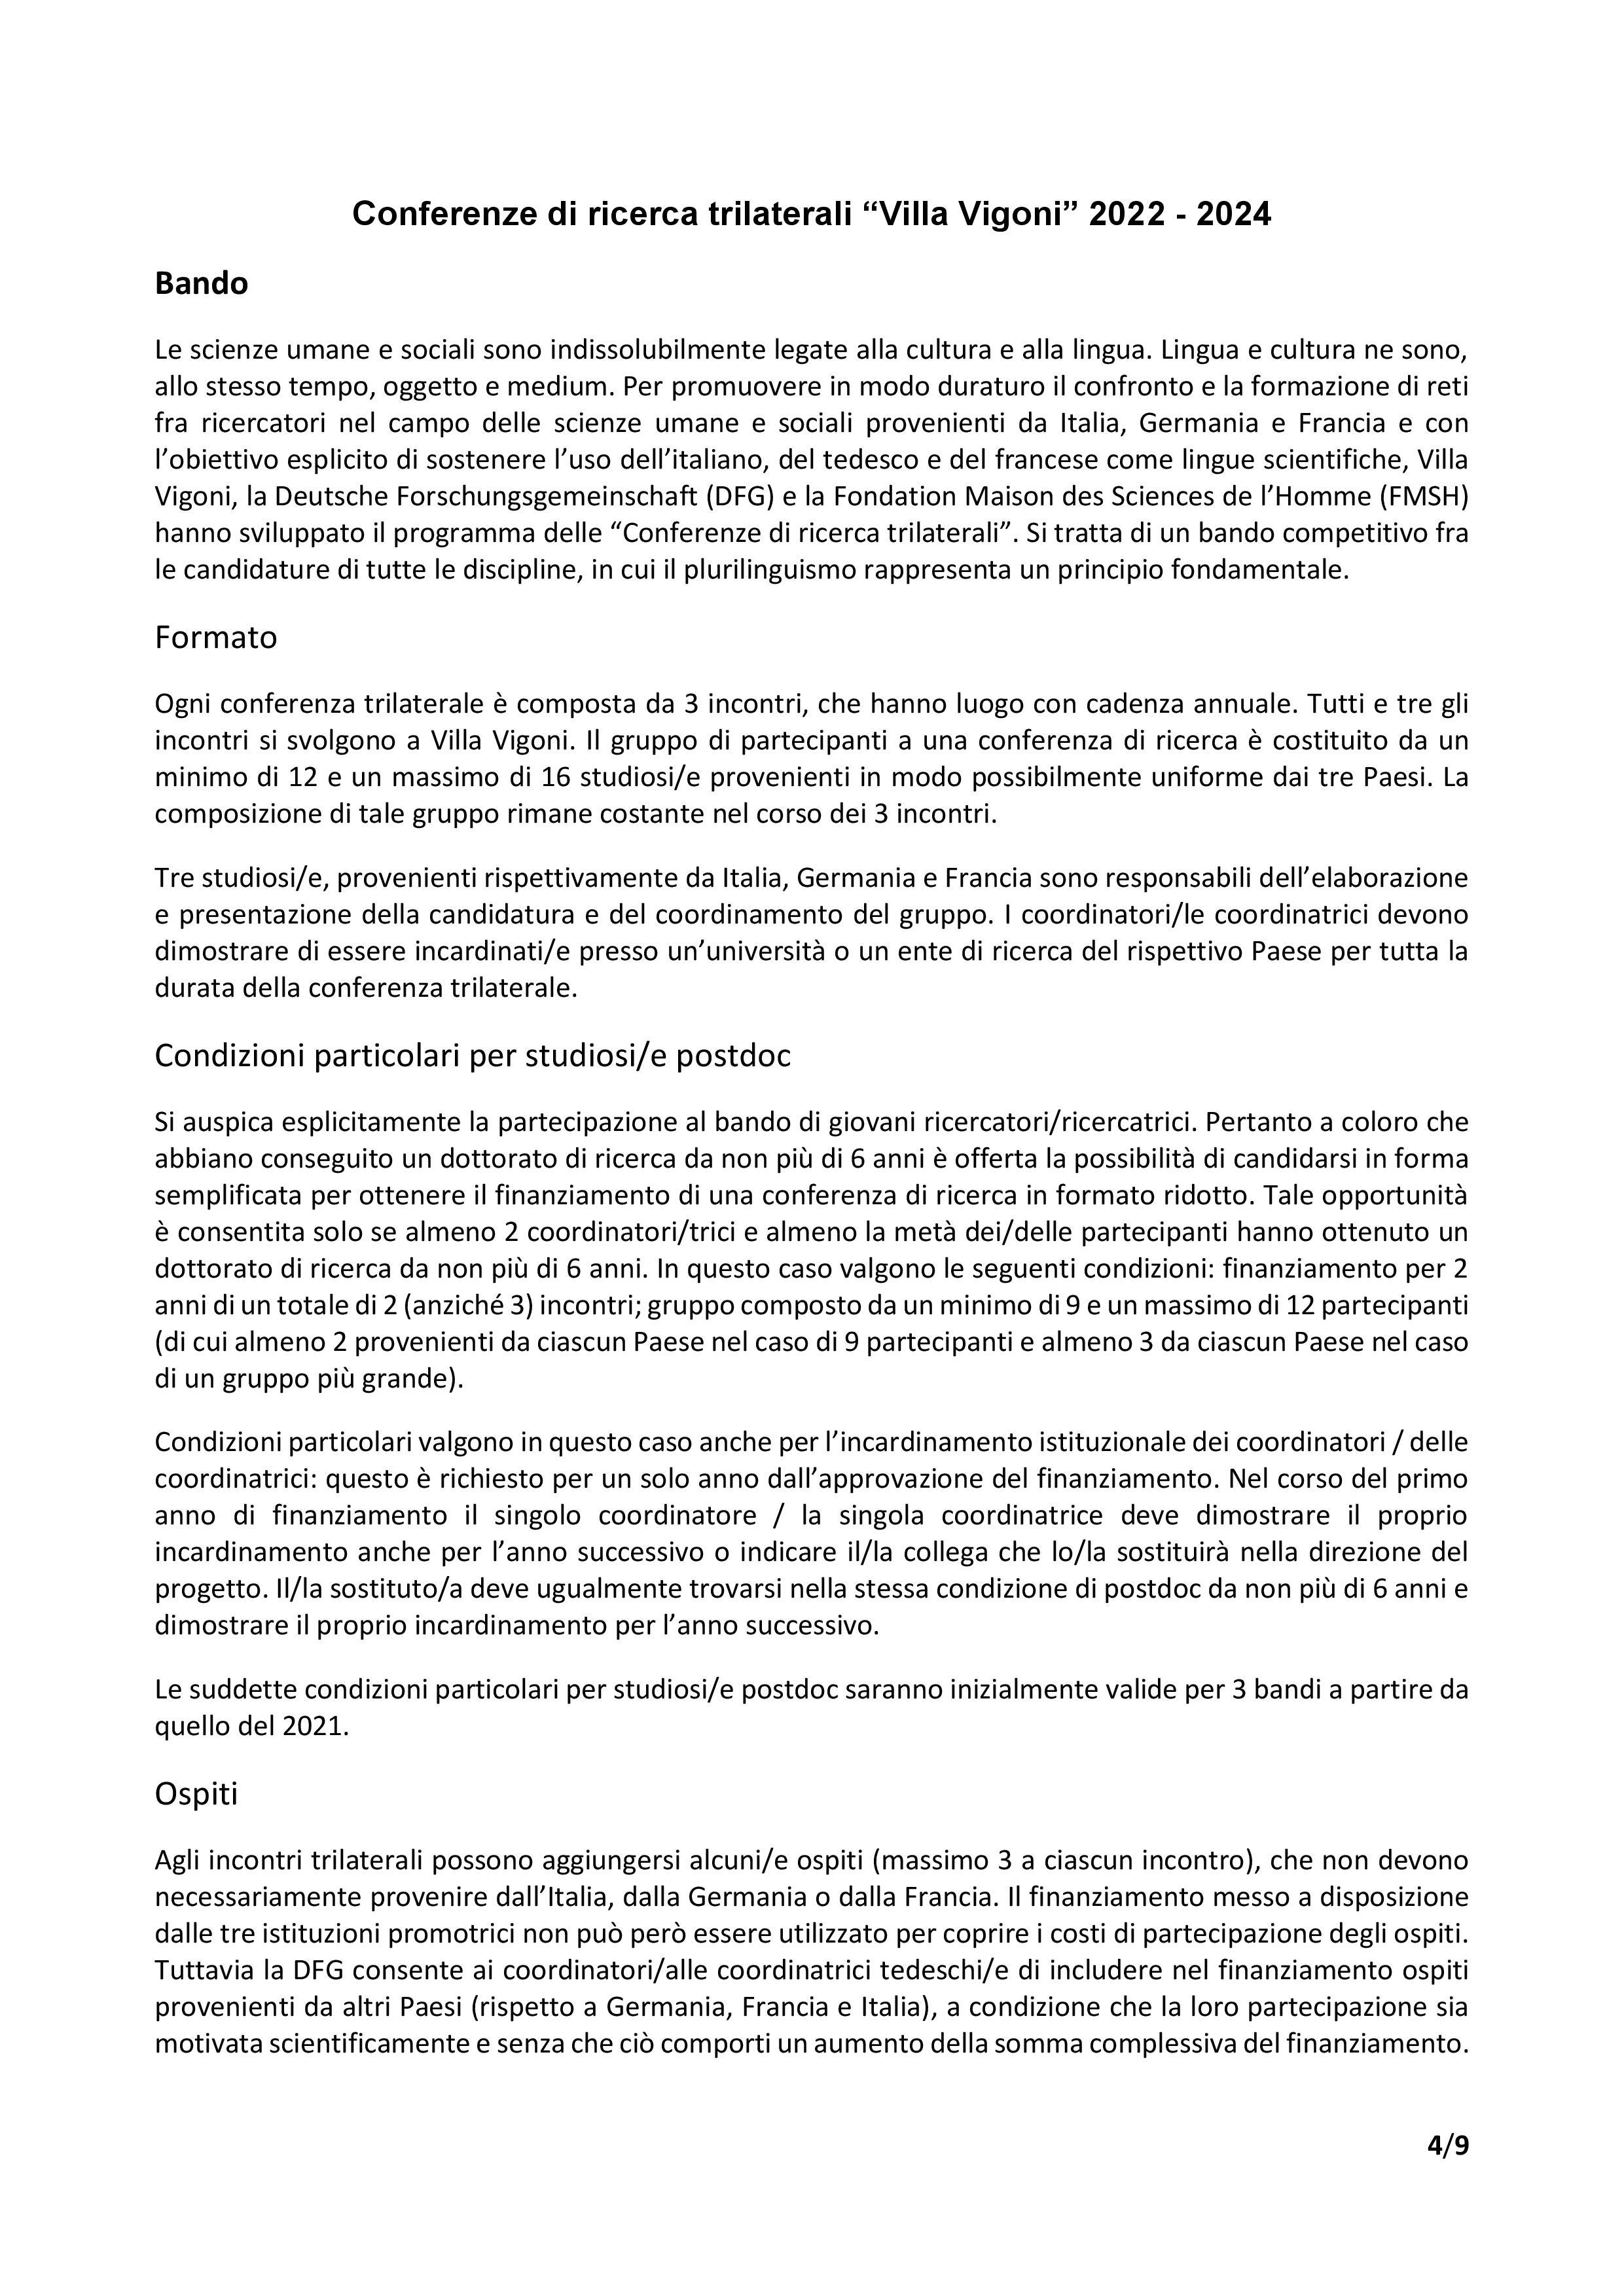 Conferenze-di-ricerca-trilaterali_2022-2024_BANDO-1-page-004